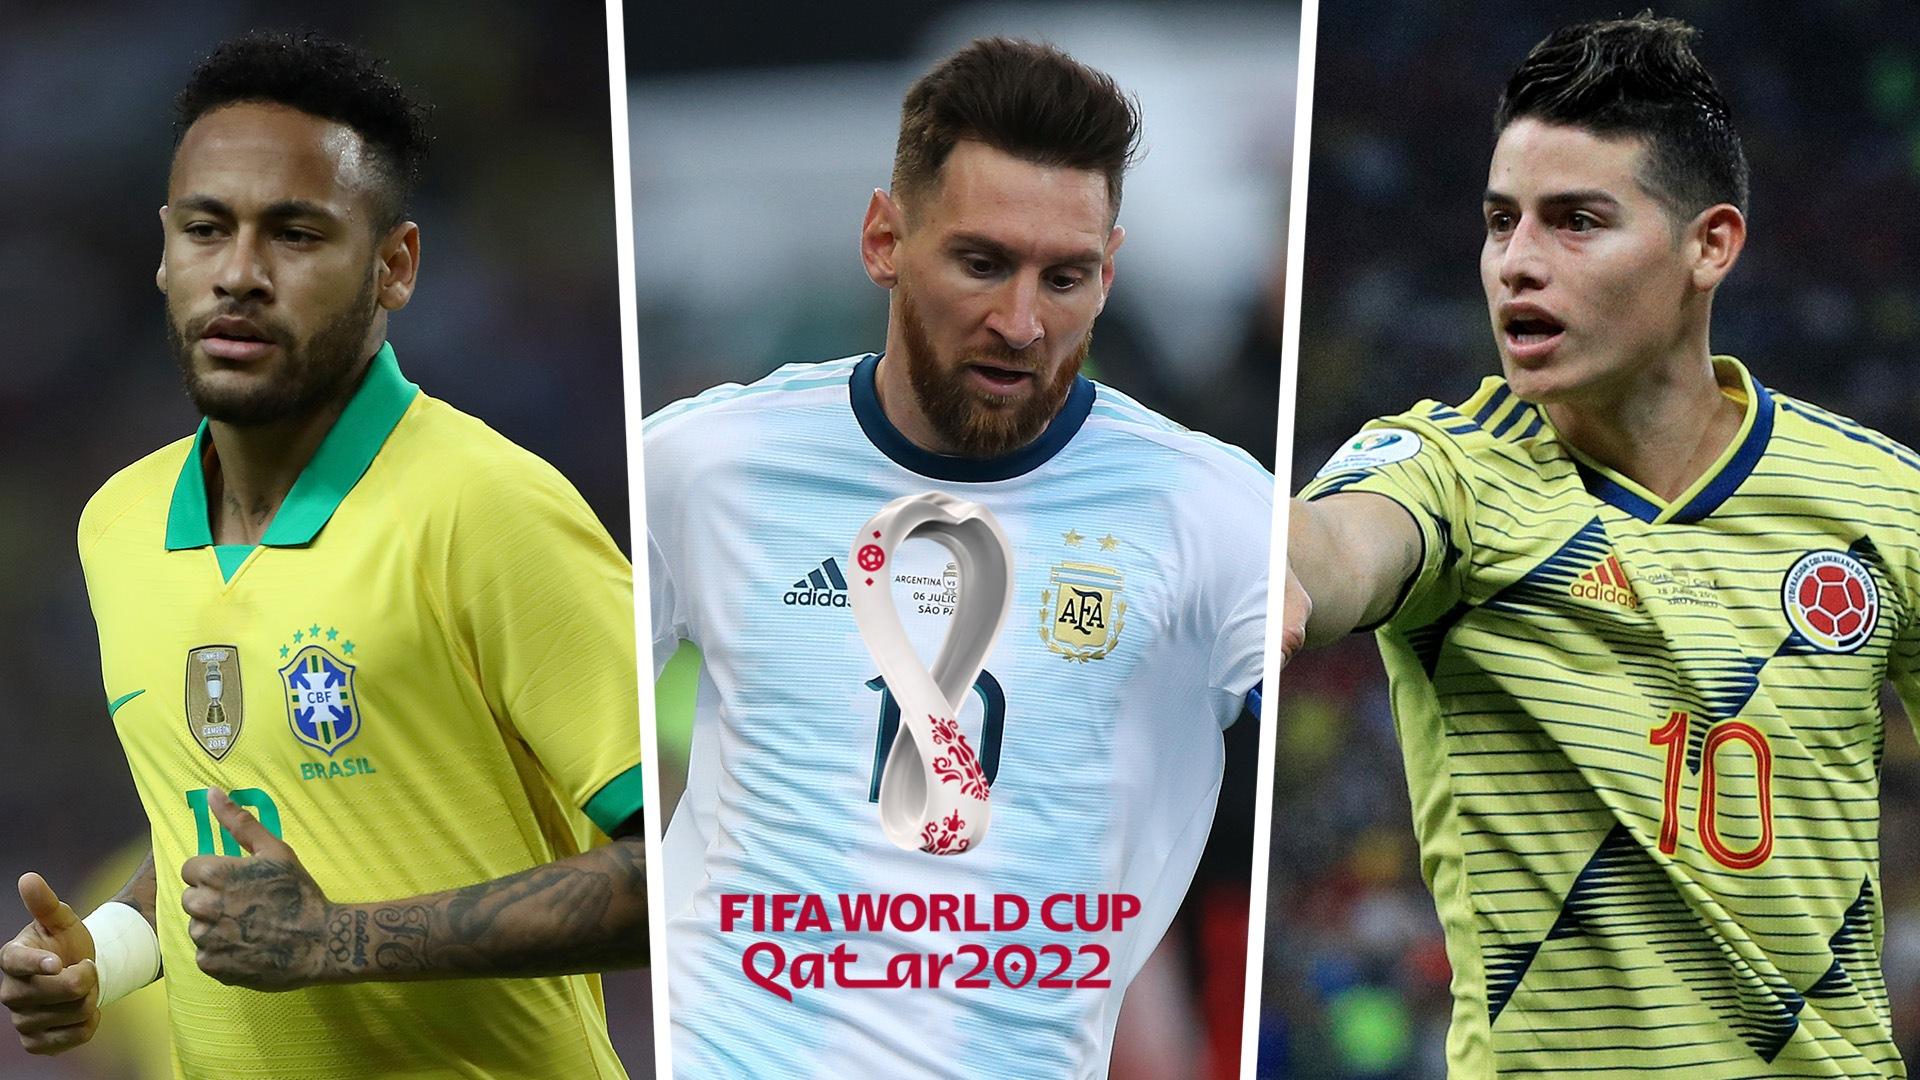 दक्षिण अमेरिकी क्षेत्रका विश्वकप छनौट खेल लाइभ कसरी हेर्ने ?